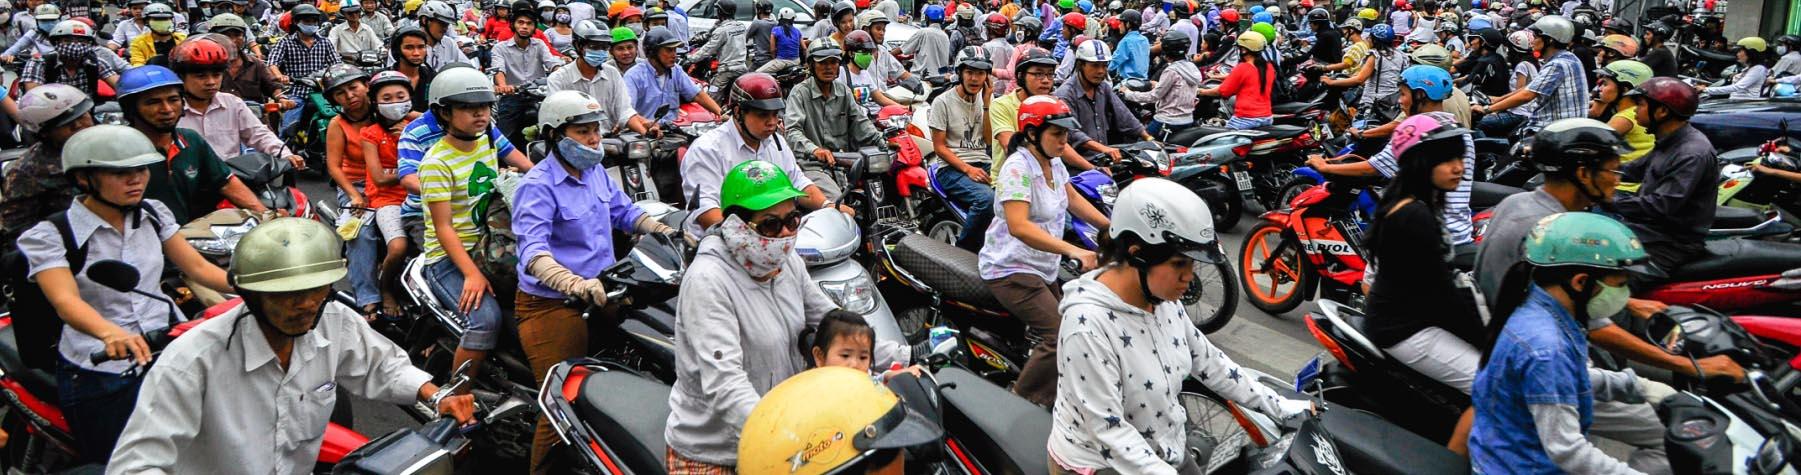 Vietnam en haar scooters